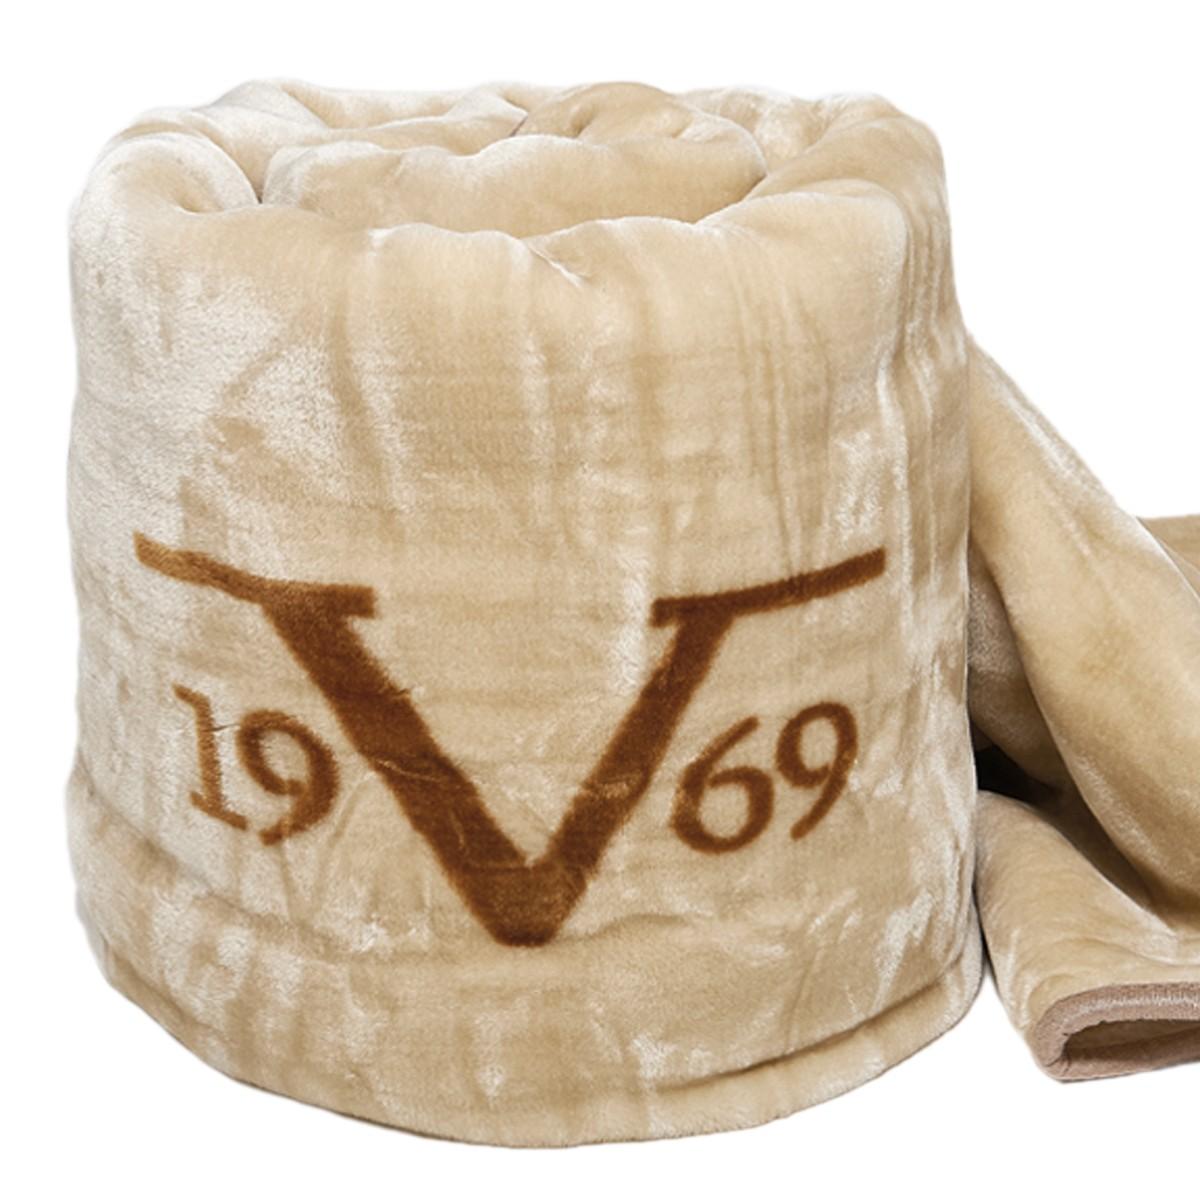 Κουβέρτα Βελουτέ Υπέρδιπλη V19.69 Velluto Mattone